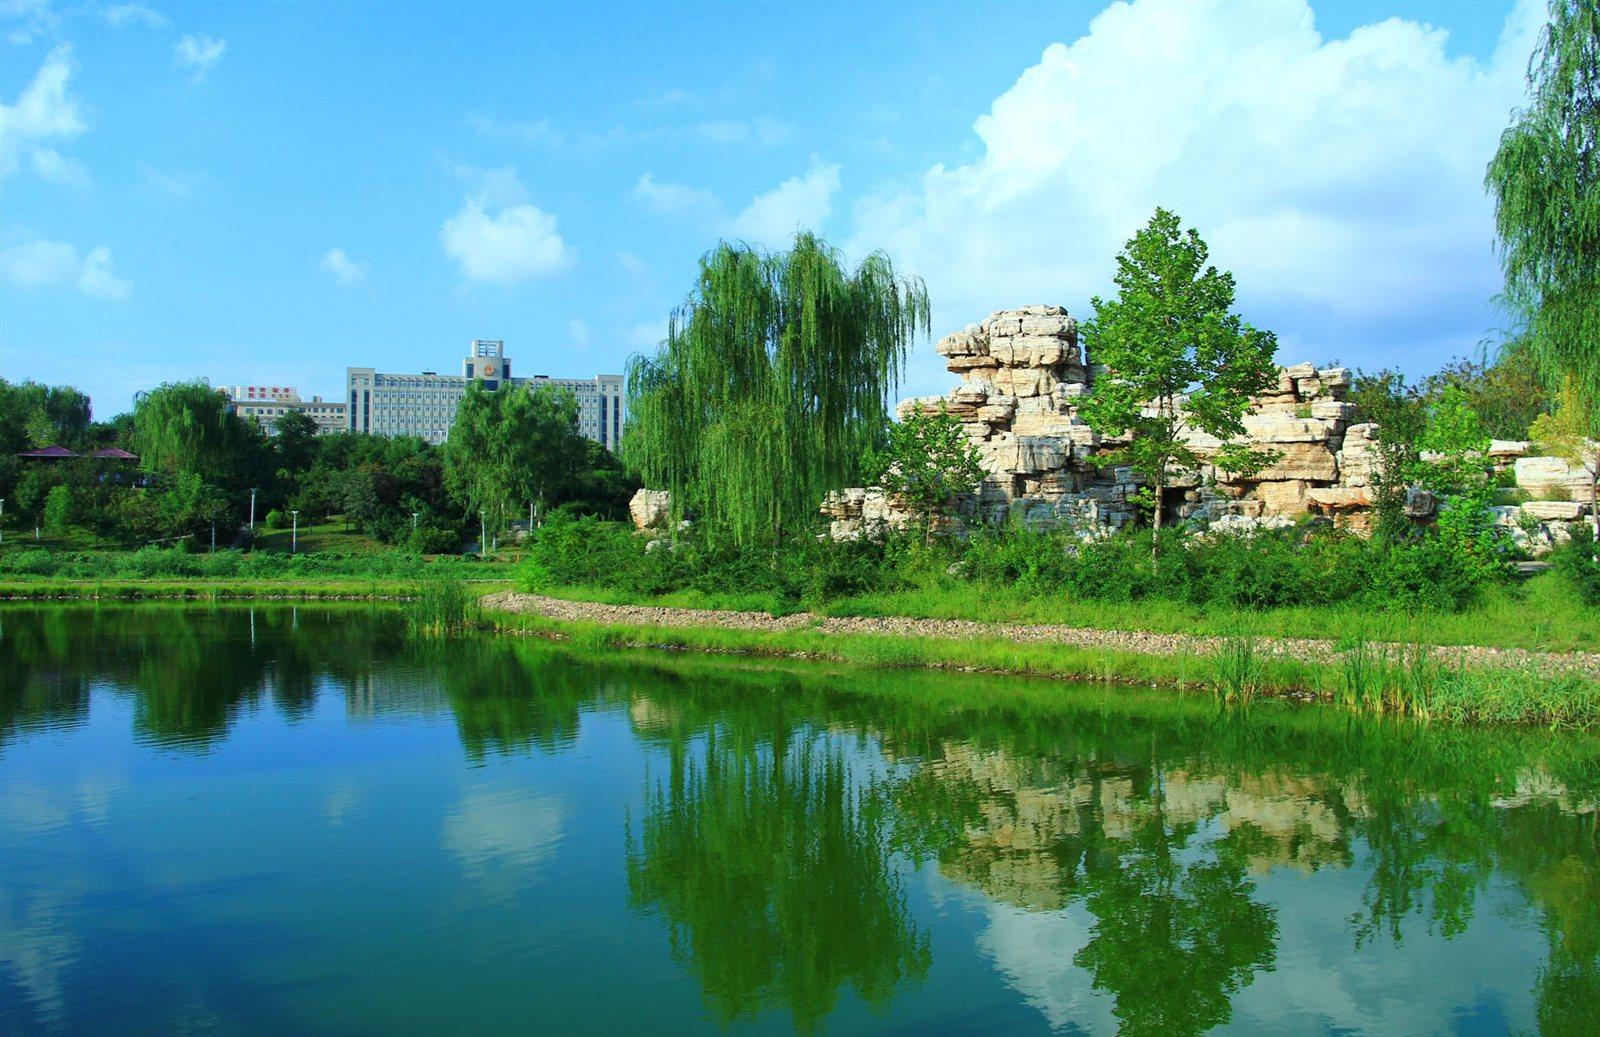 2035美丽的孤竹公园 高永文